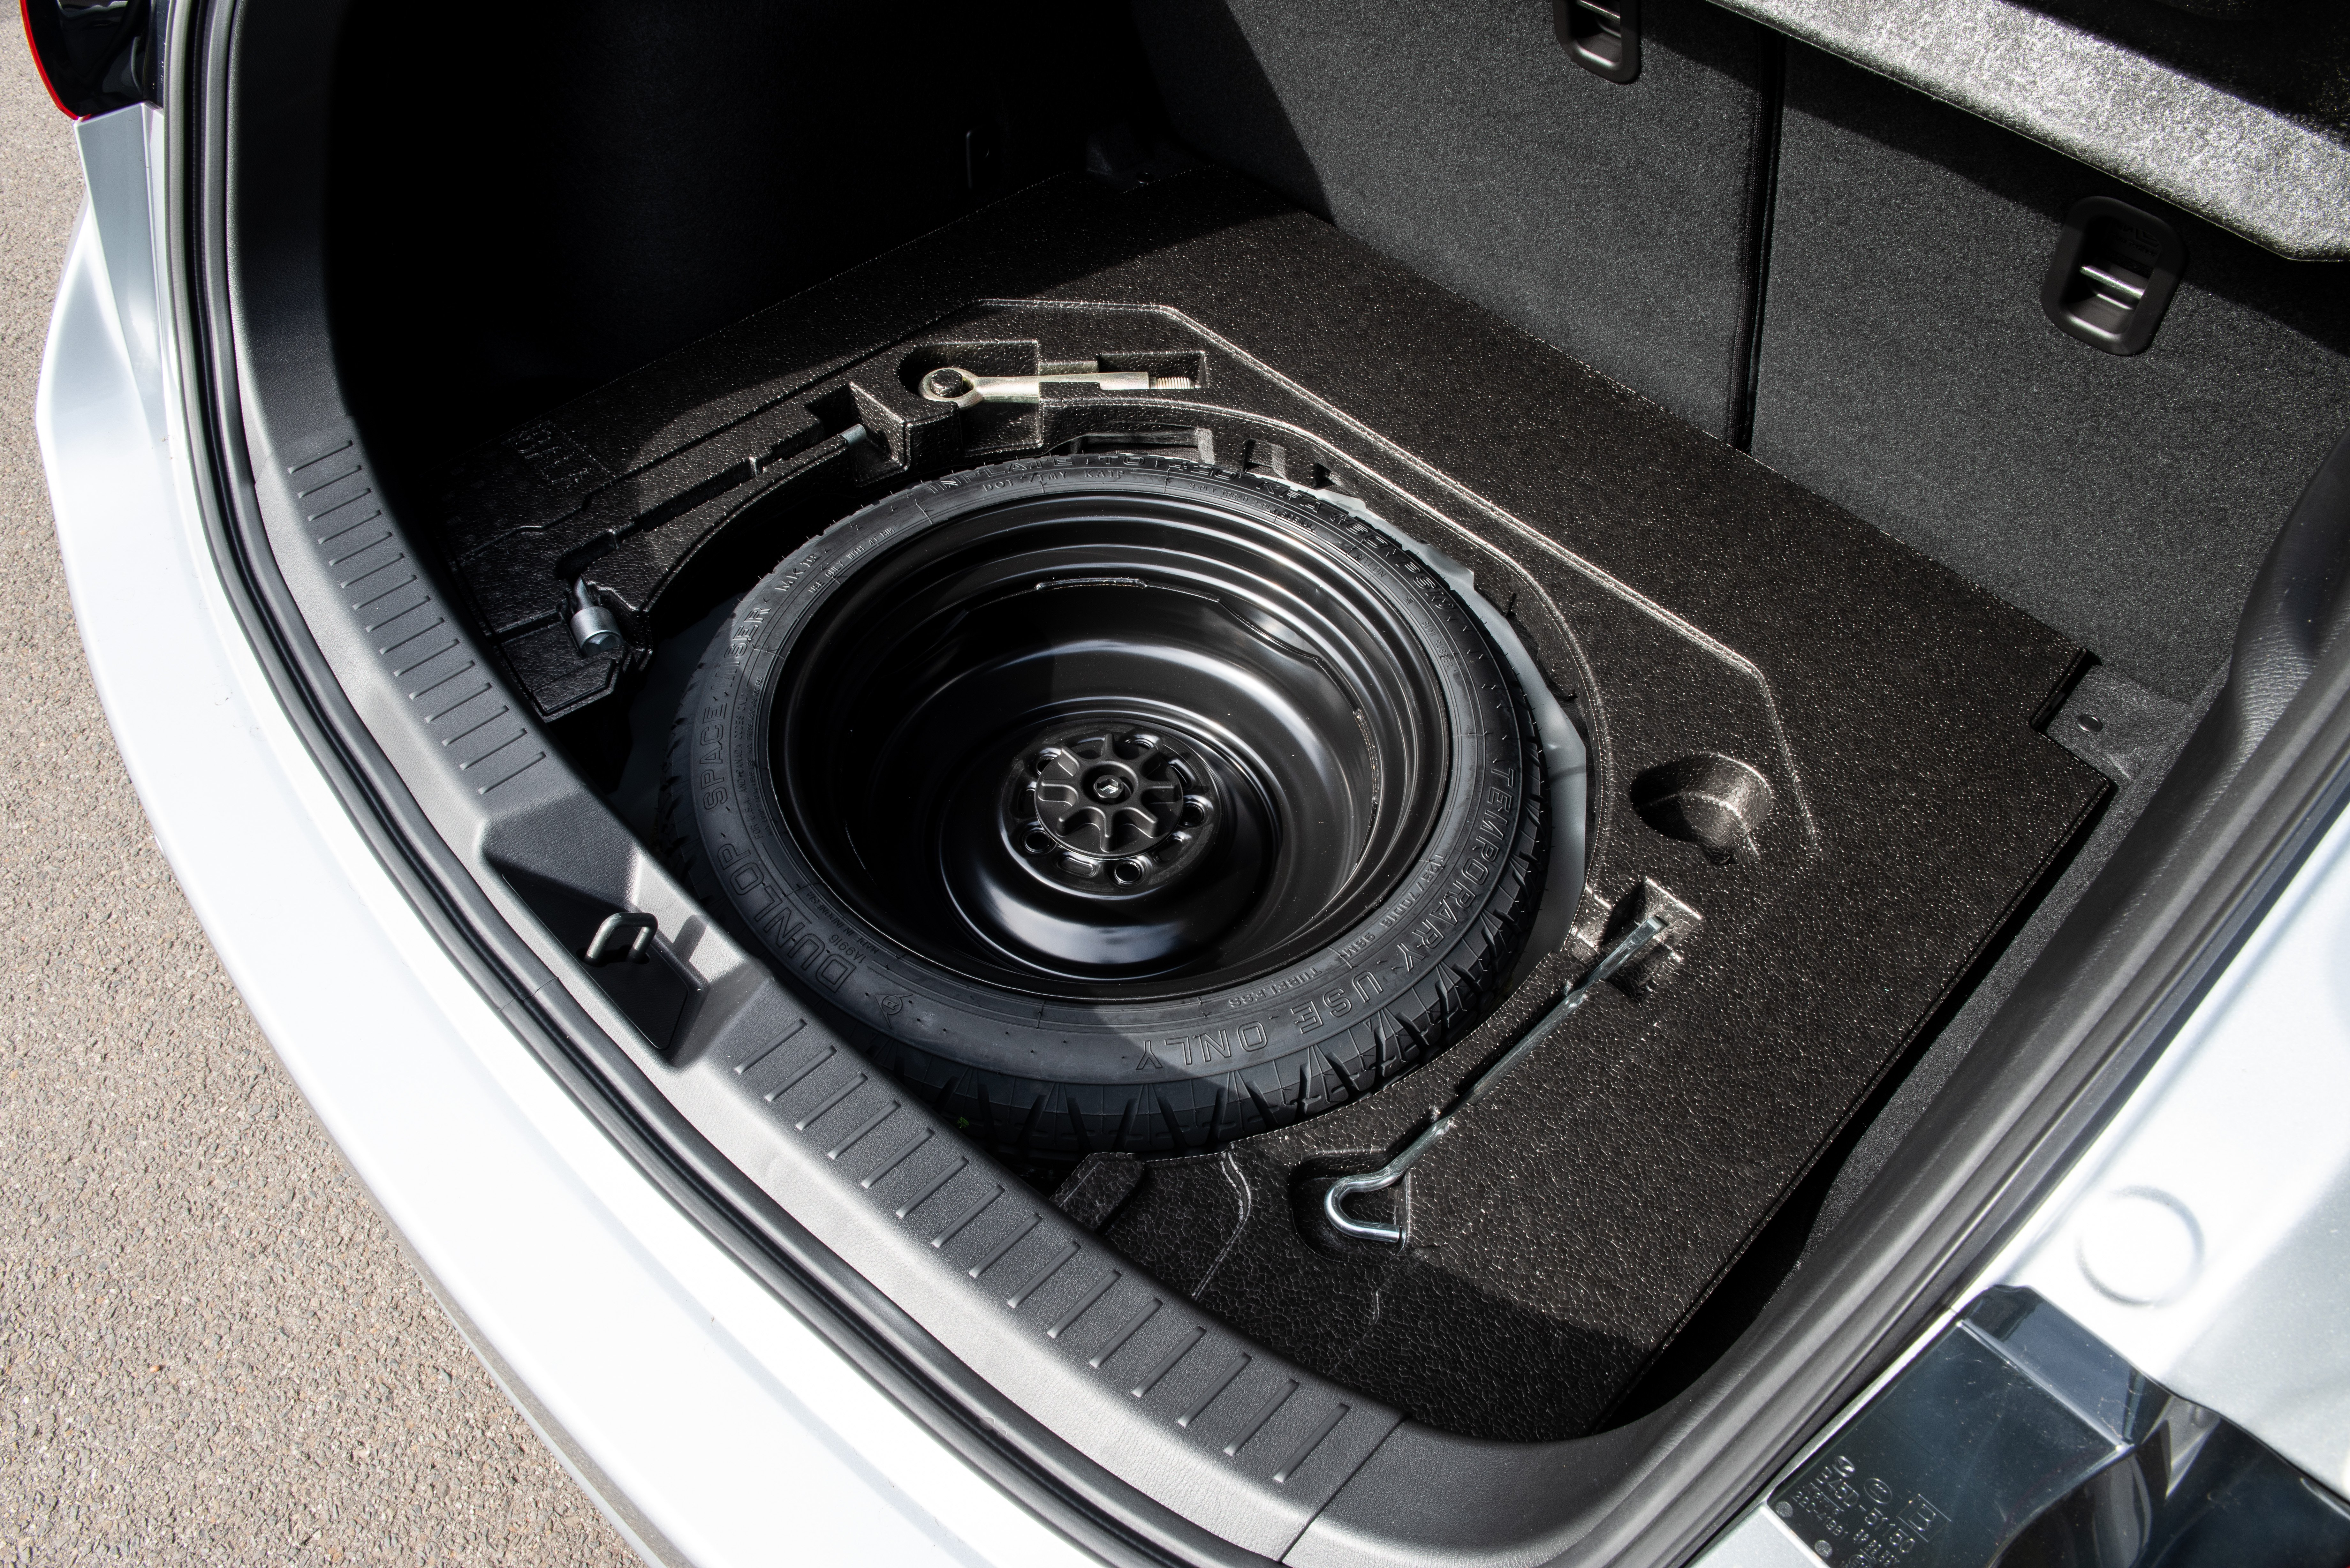 2018 Mazda 3 SP25 Astina review   CarAdvice